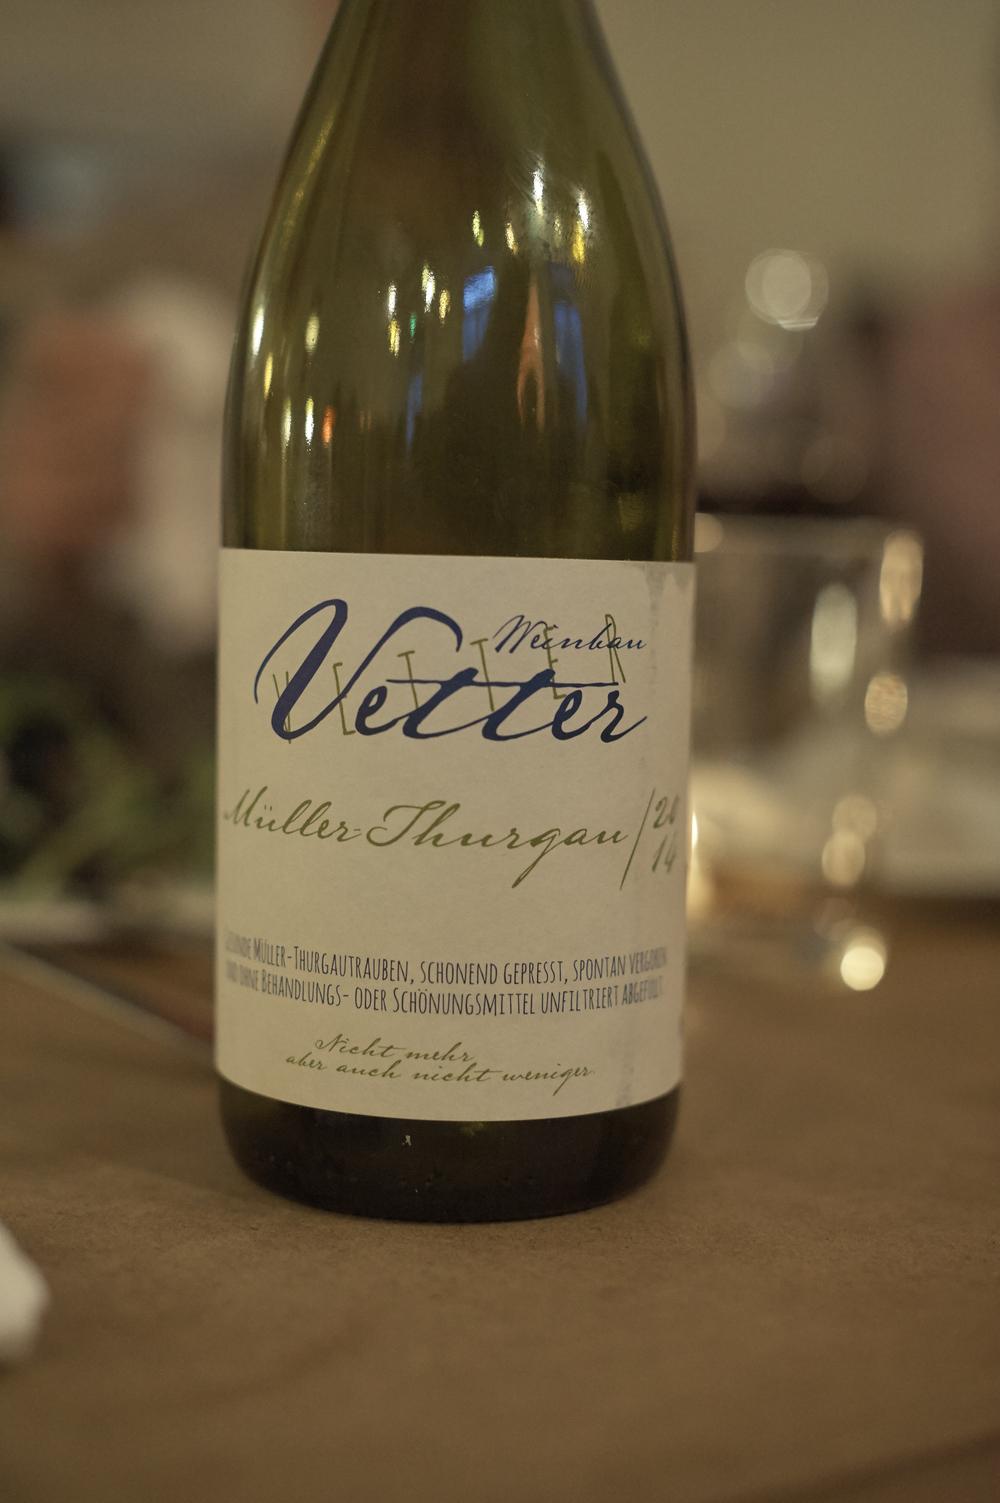 STEFAN VETTER, MÜLLER-THURGAU OHNE SO2 2014 FRANKEN H&V: «Obacht! Diese Flasche wird schneller leer sein als Dir lieb ist»